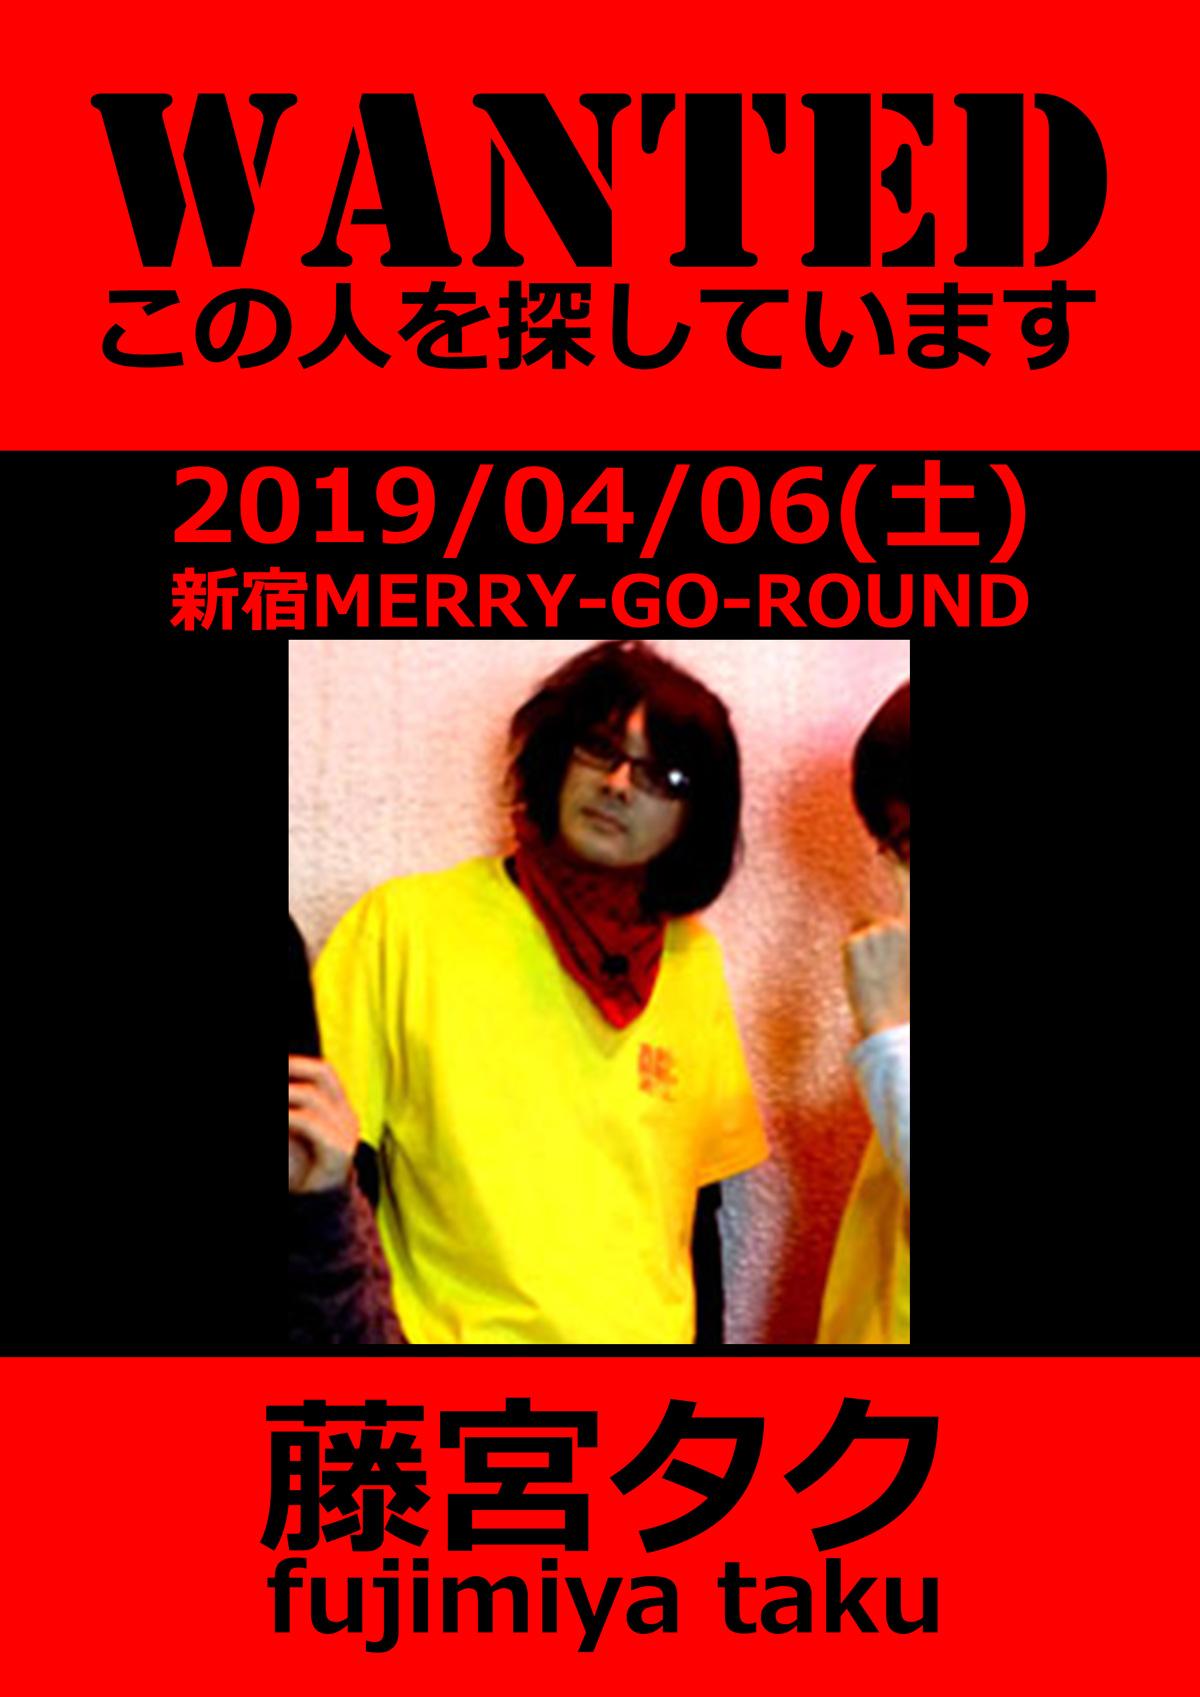 燭台(怪)presents『弟1回 帰ってこい藤宮タク-新宿アーカイブス-』